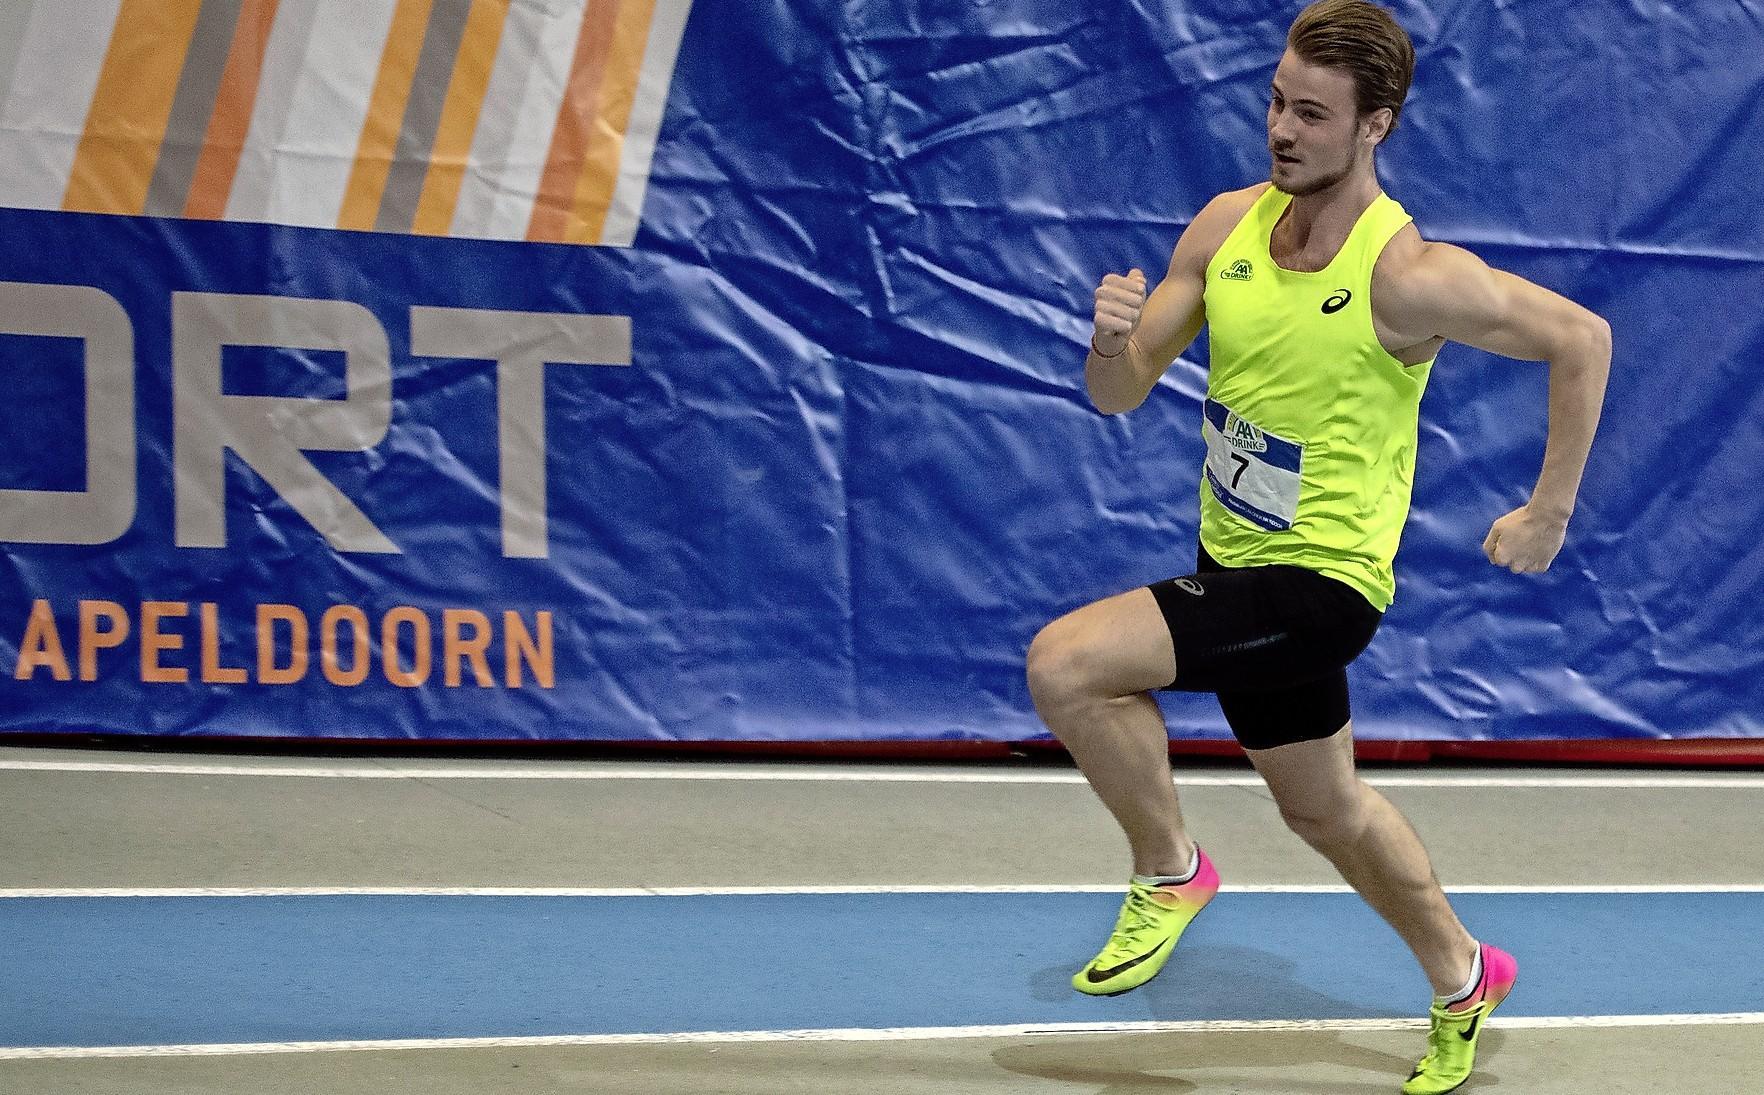 Atleet Jochem Dobber plaatst zich in Wenen voor EK indoor [video]